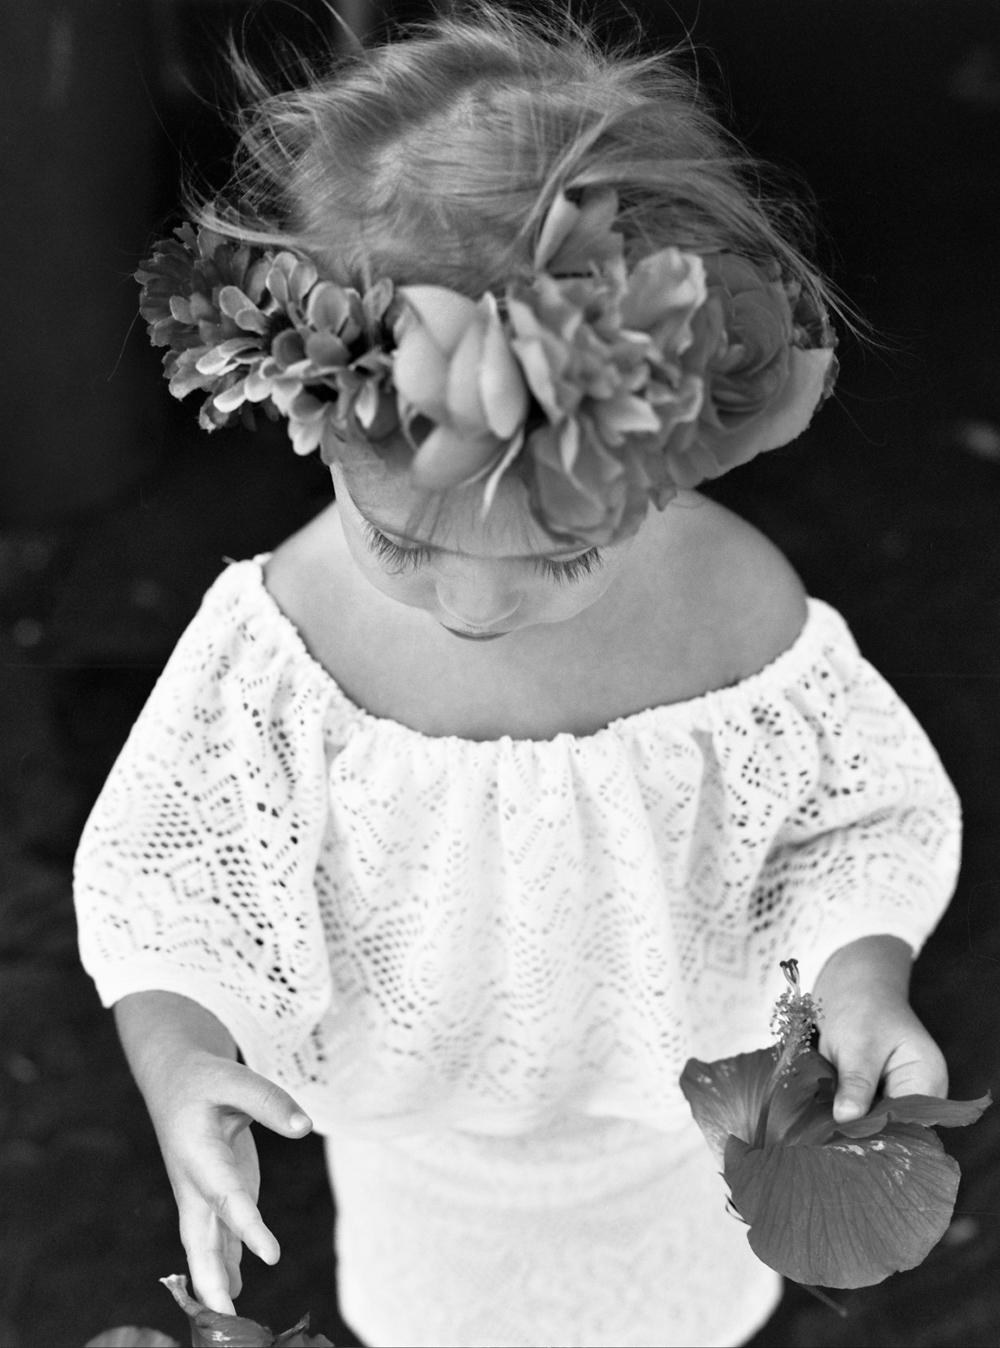 cristina-lozito-photography-families-42-1.jpg